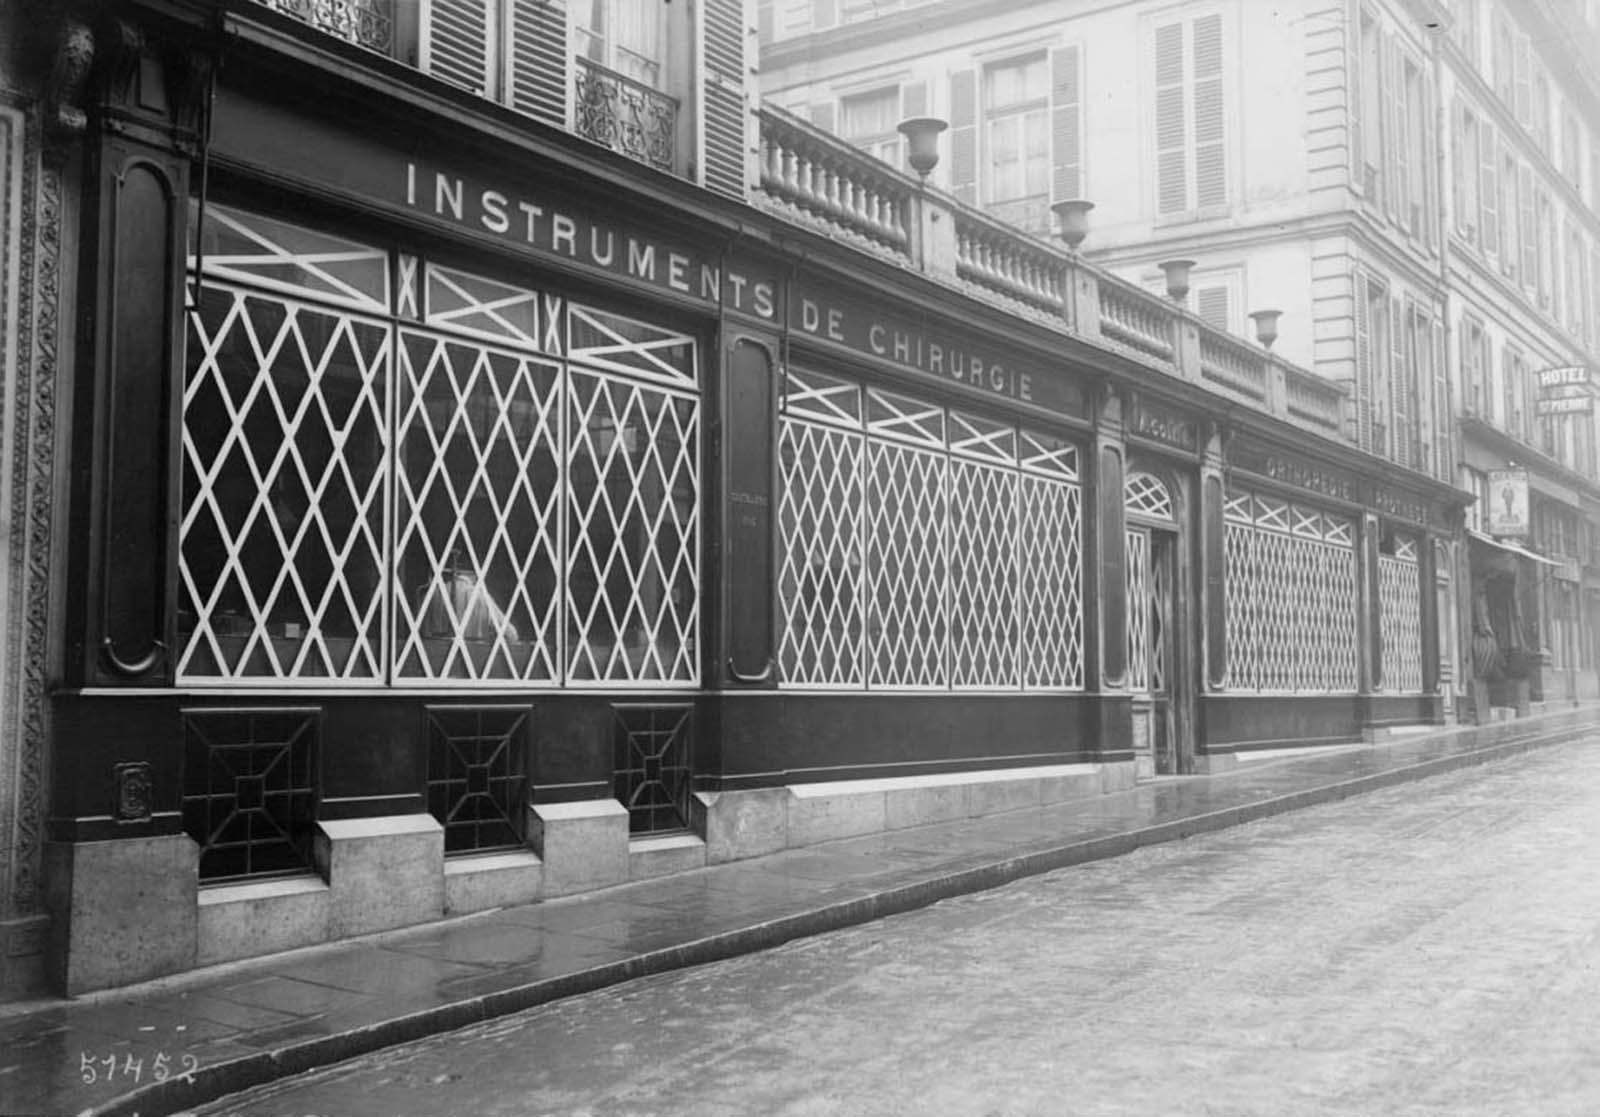 Quand Paris était protégé par des sacs de sable et du ruban adhésif, 1914-1918